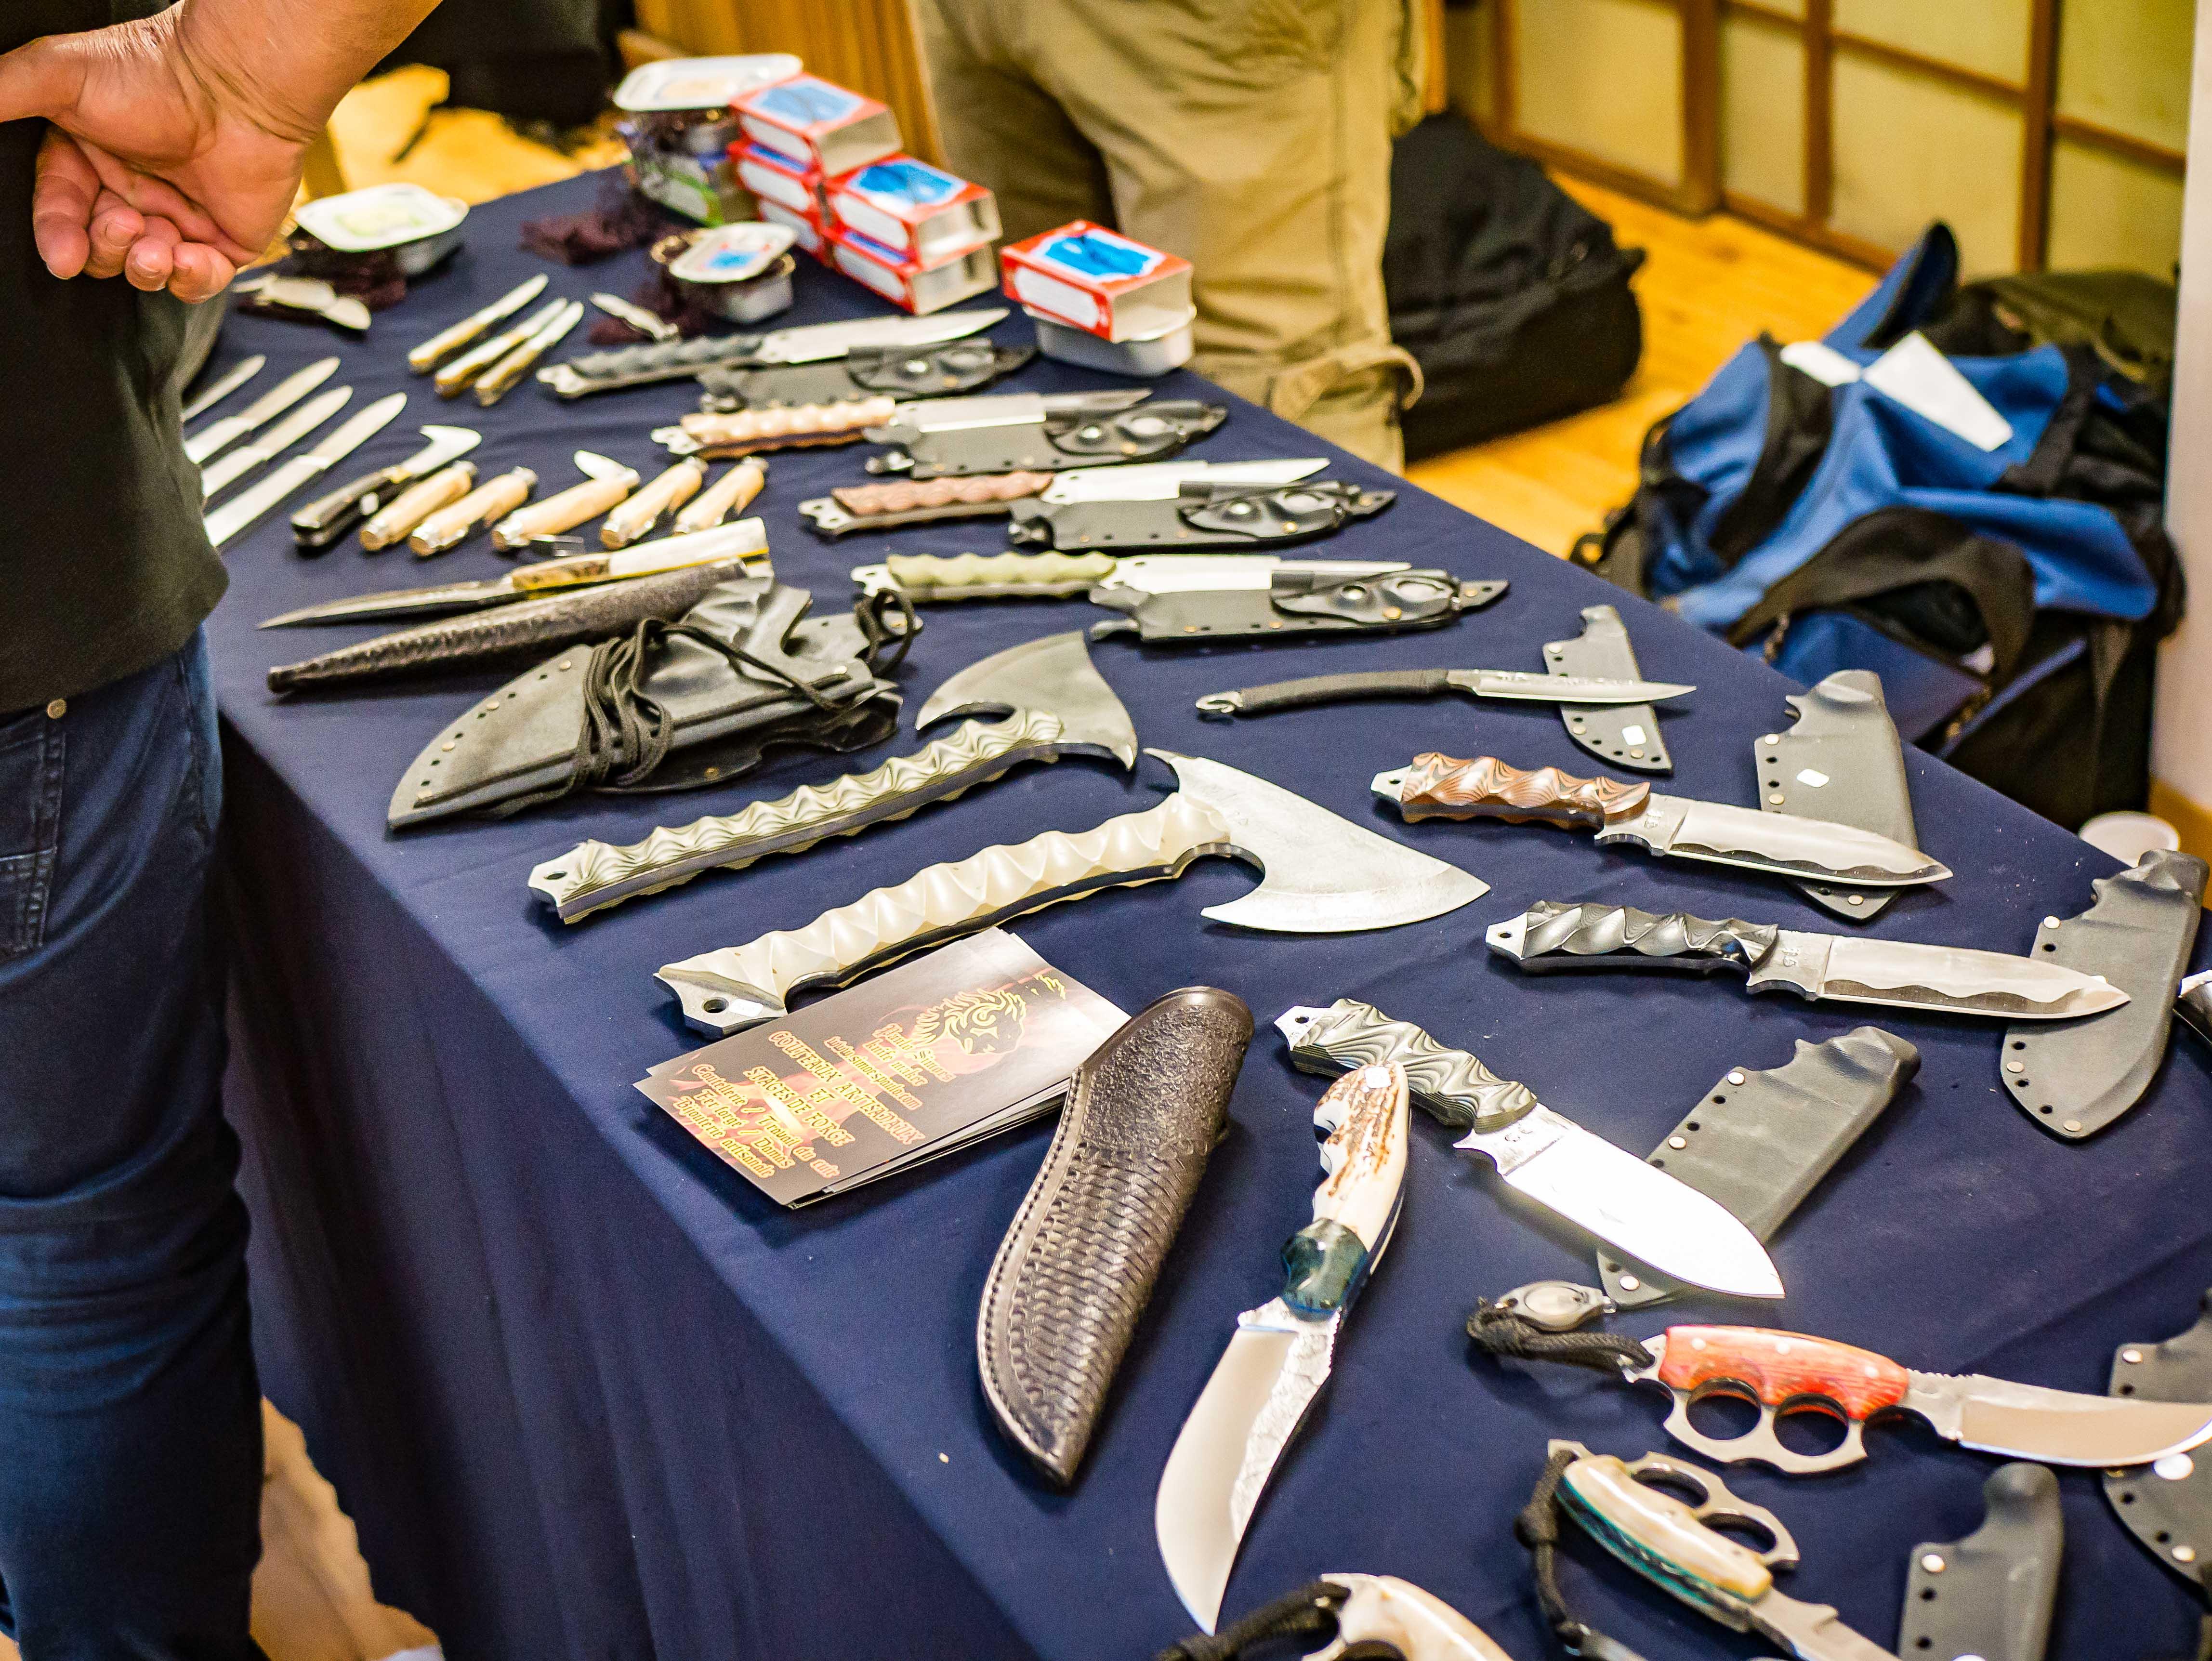 L'expo couteaux cap'taine Perrin : des lames à Paris